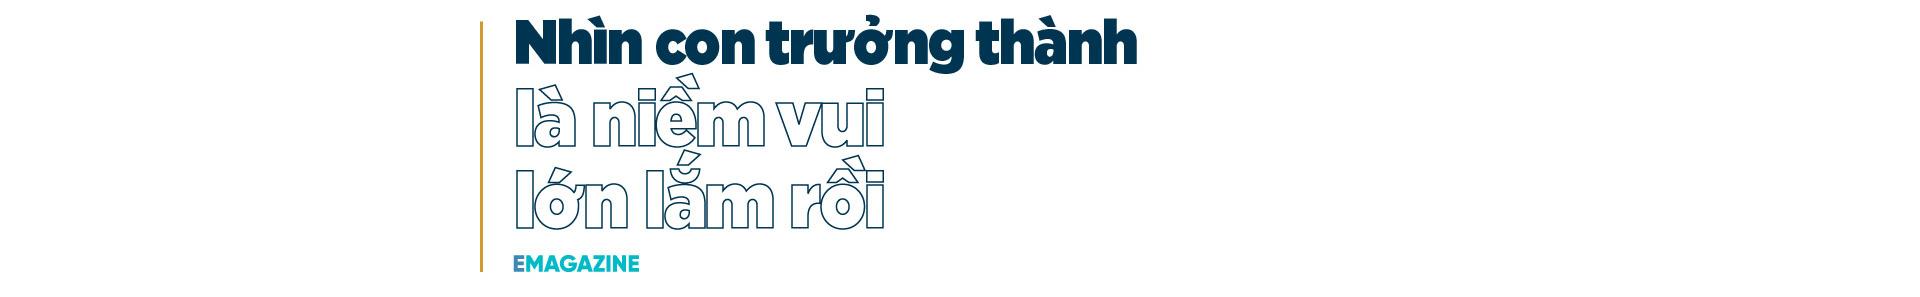 """10 tháng Đoàn Văn Hậu """"du học"""" ở Hà Lan qua lời kể của bố mẹ từ quê nhà Thái Bình - Ảnh 9."""